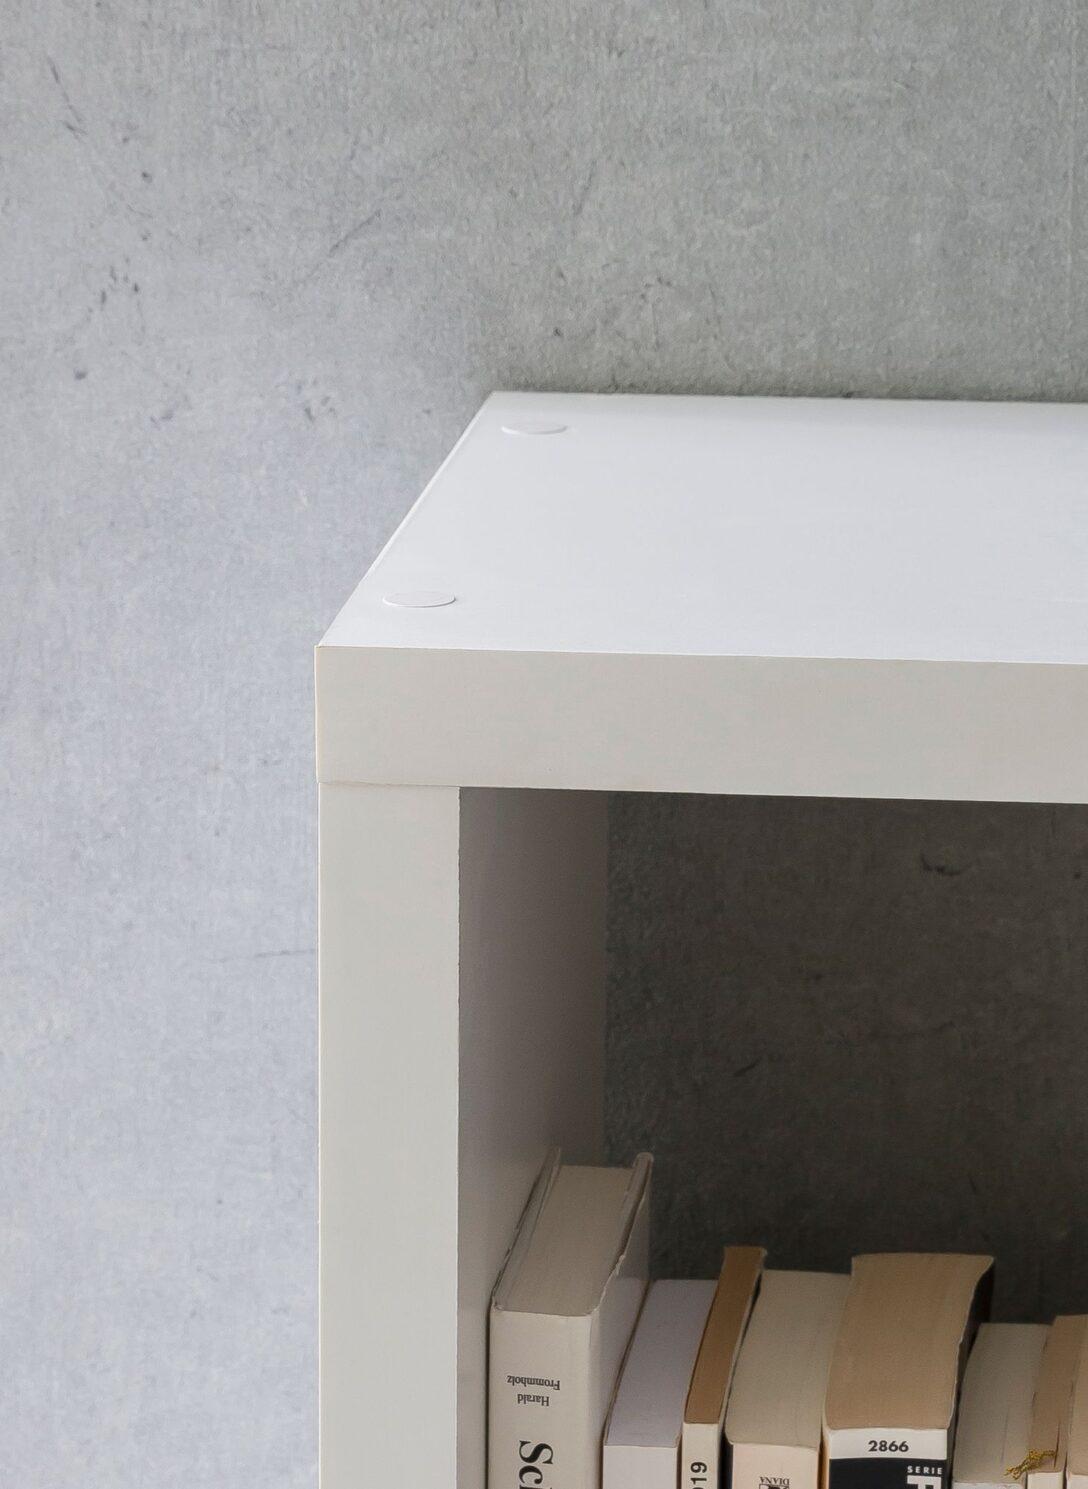 Large Size of 5e15441254097 Regal Würfel Anfahrschutz Aus Obstkisten Massivholz Kiefer 25 Cm Breit 20 Tief Werkstatt Schlafzimmer Wandregal Küche Landhaus Babyzimmer Regal Regal Würfel